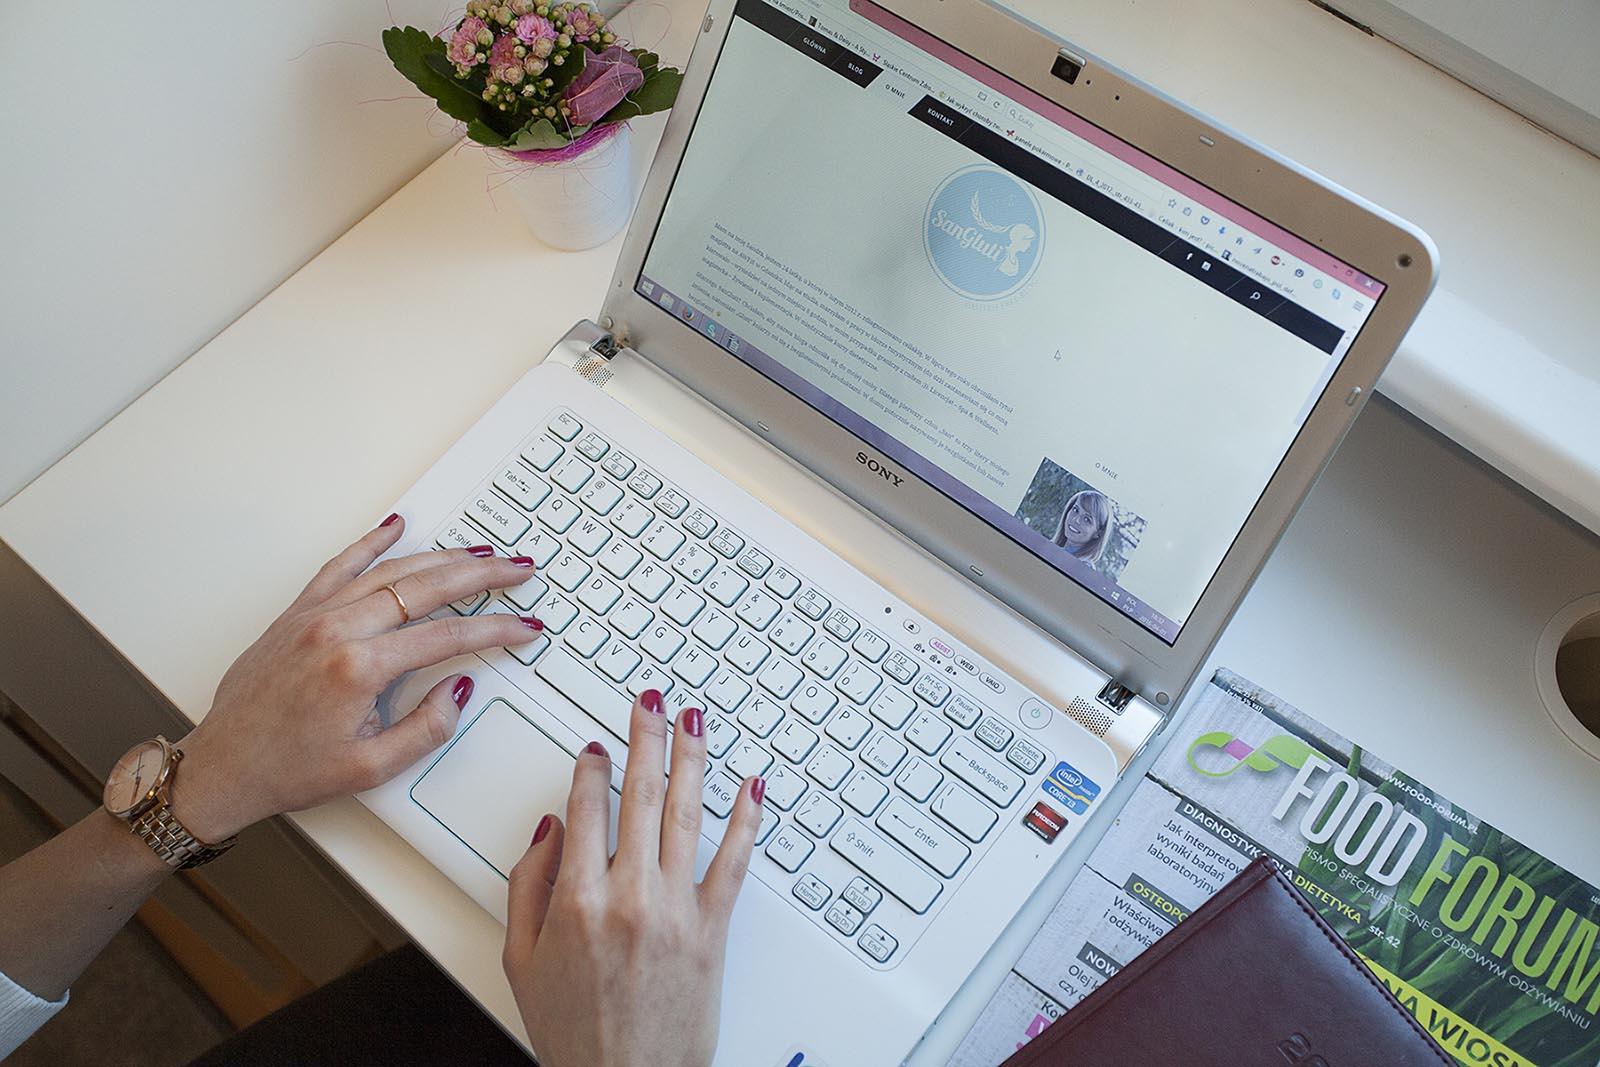 blog sangluti.pl wyświetlony na komputerze przenośnym